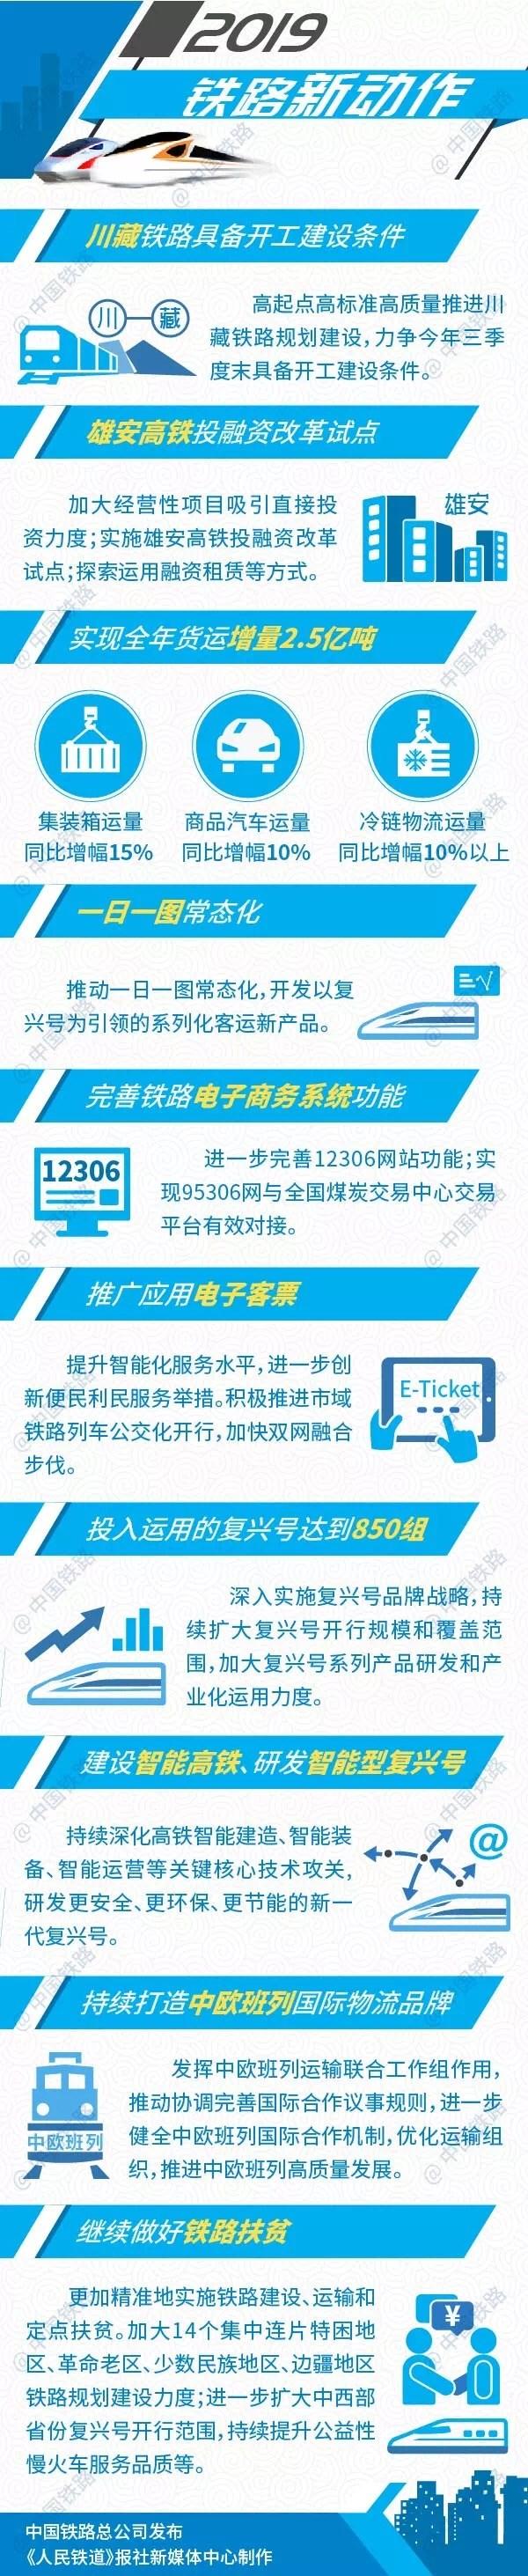 2019年春运来袭,中国铁路新动作:提升智能化服务水平 推广应用电子客票